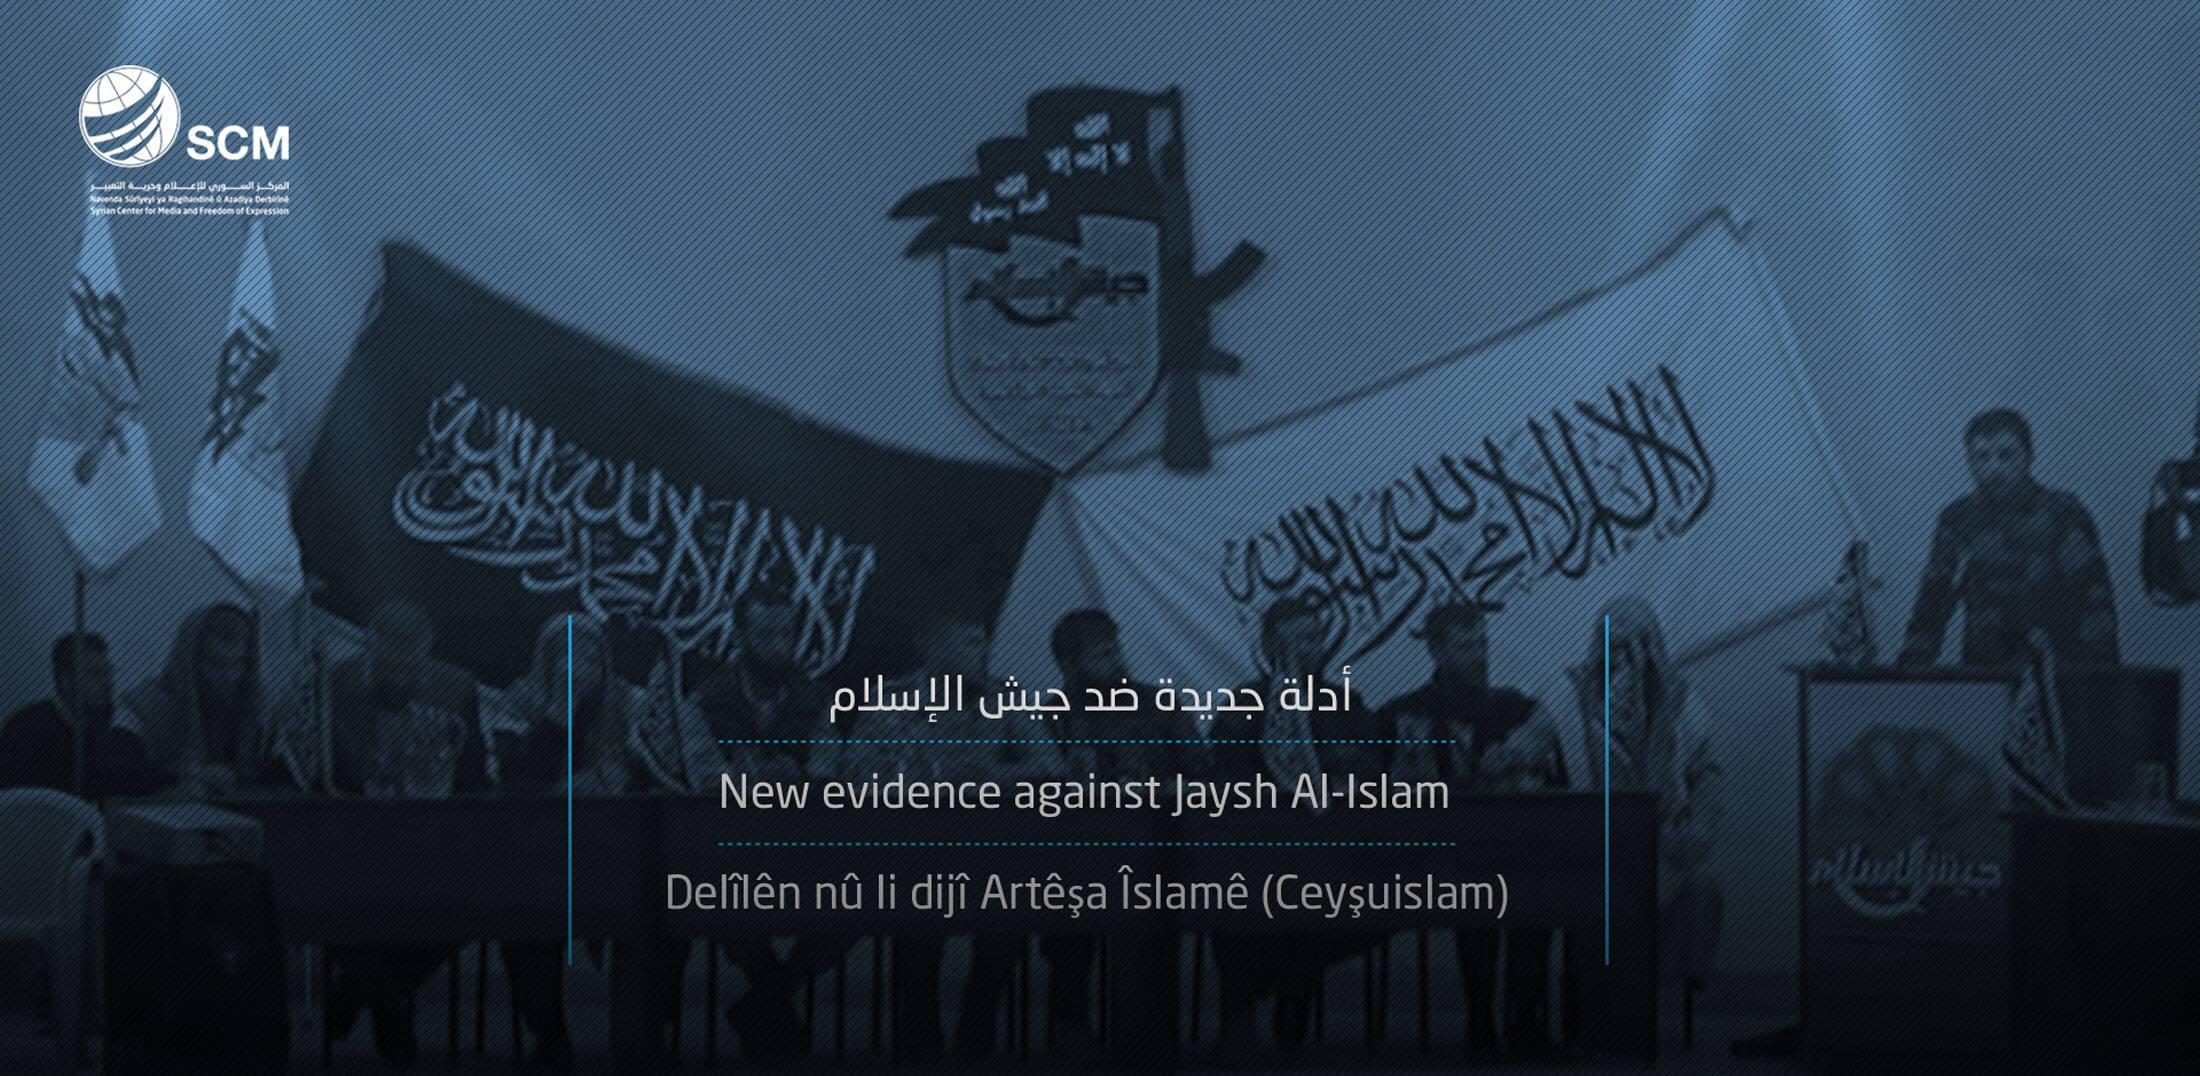 بيان: حزمة من الأدلة والقرائن حول تورّط فصيل جيش الإسلام بعدة جرائم